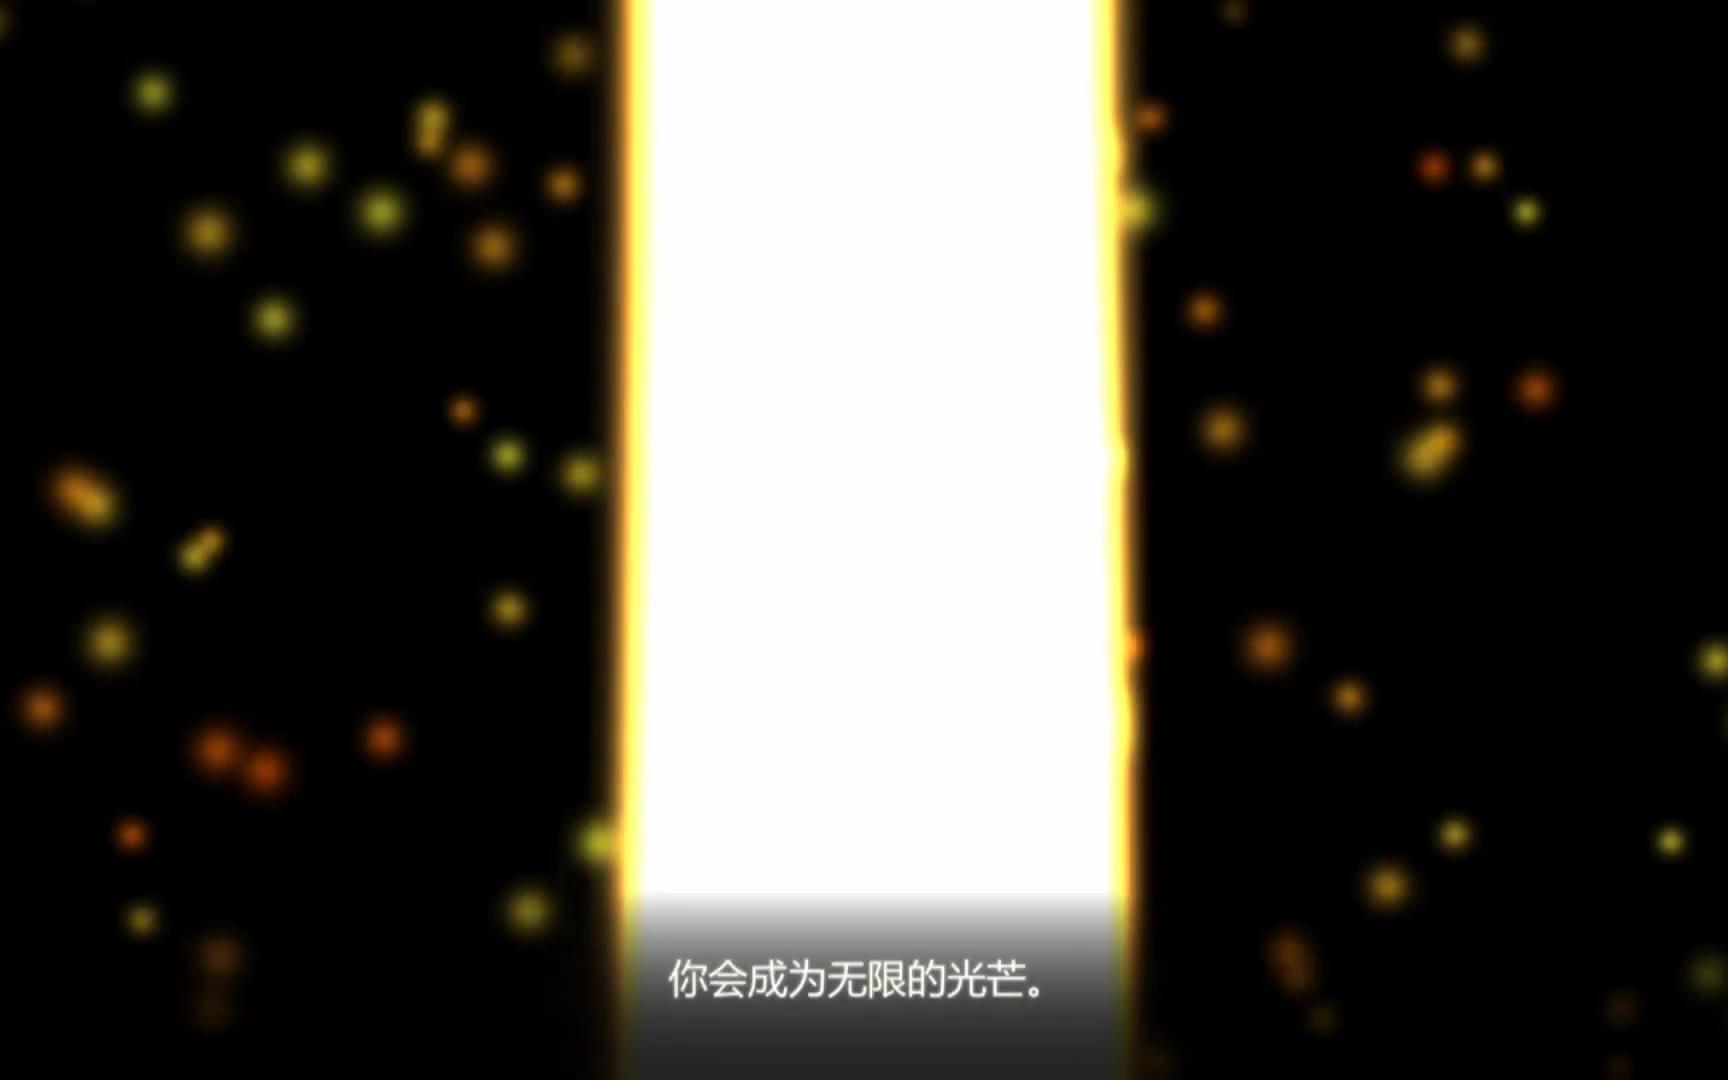 【脑叶公司】主線 完整劇情 Day49~50 (真結局)